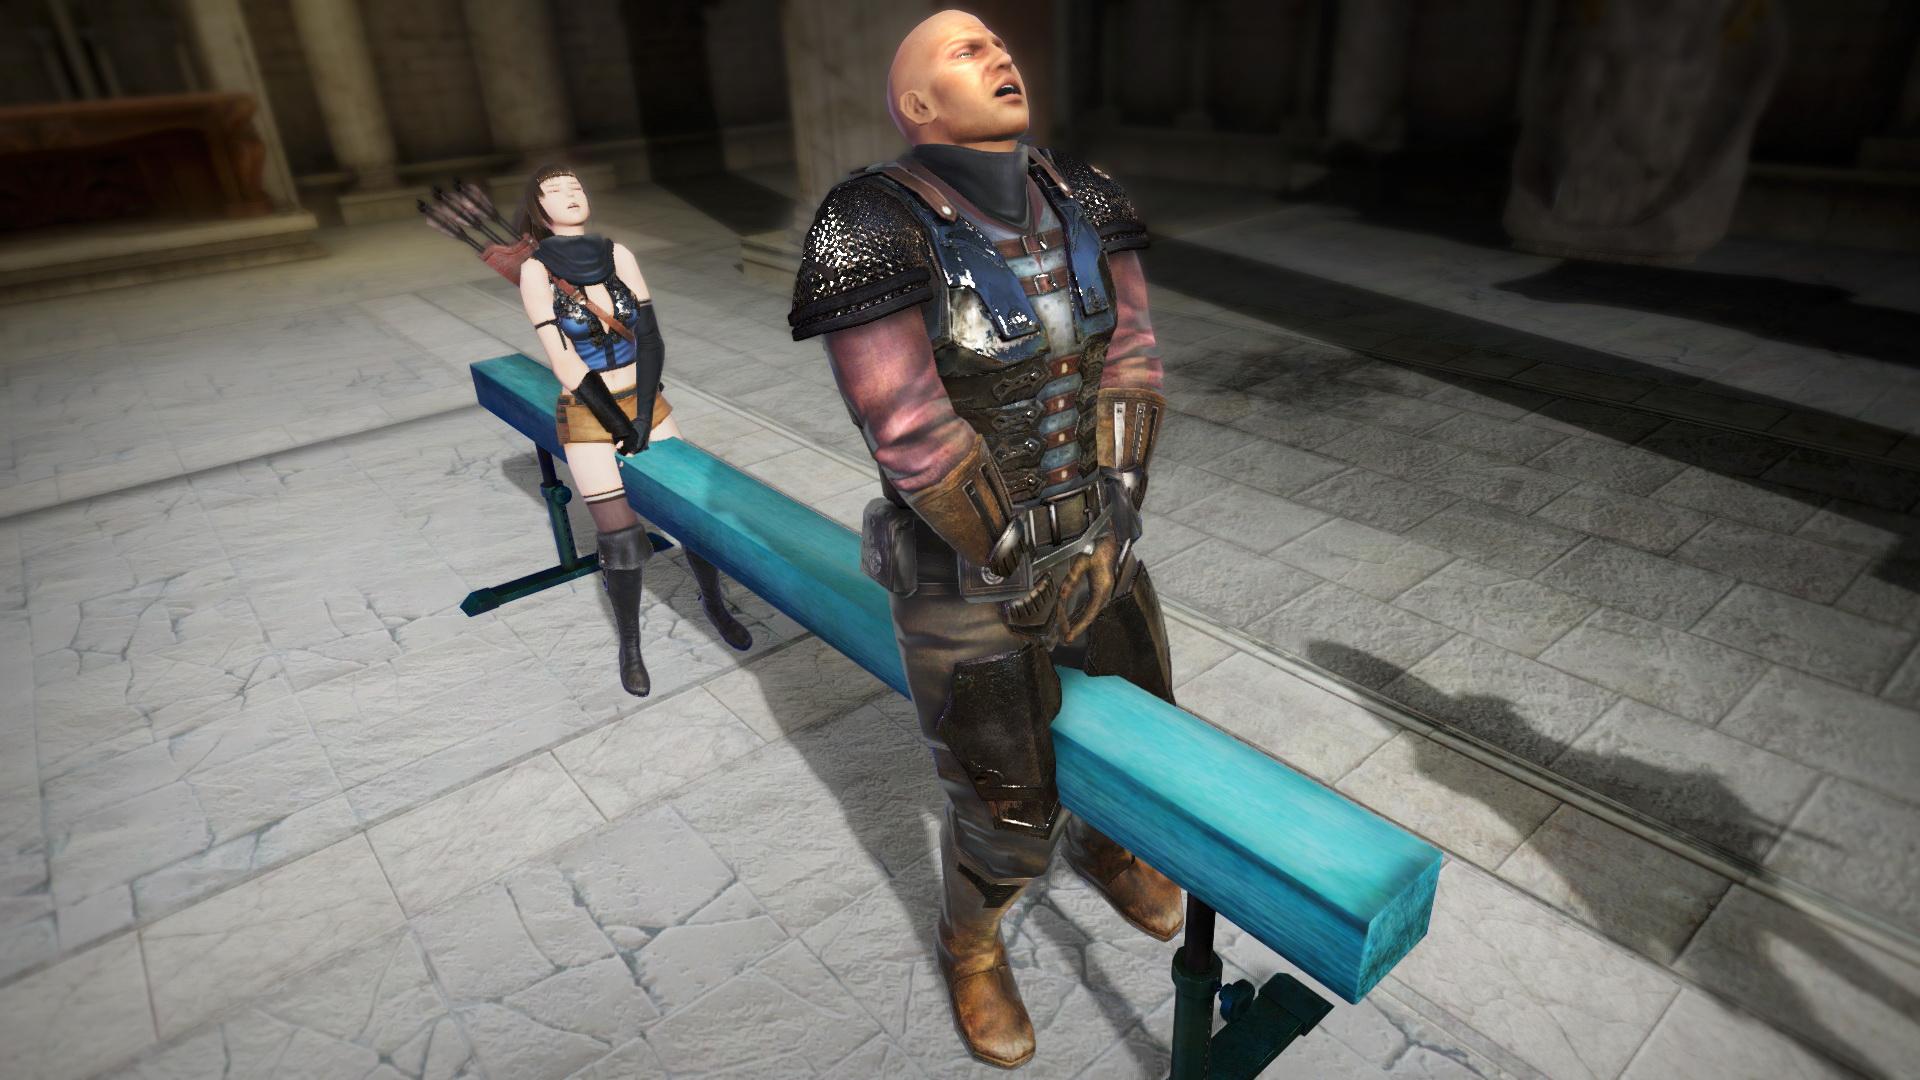 さらに「ヘイキンダイ」をキックで蹴ると、バランスを崩して足を踏み外した敵は、股間を強打……男性は想像したくなる悶絶を感じることであろう!